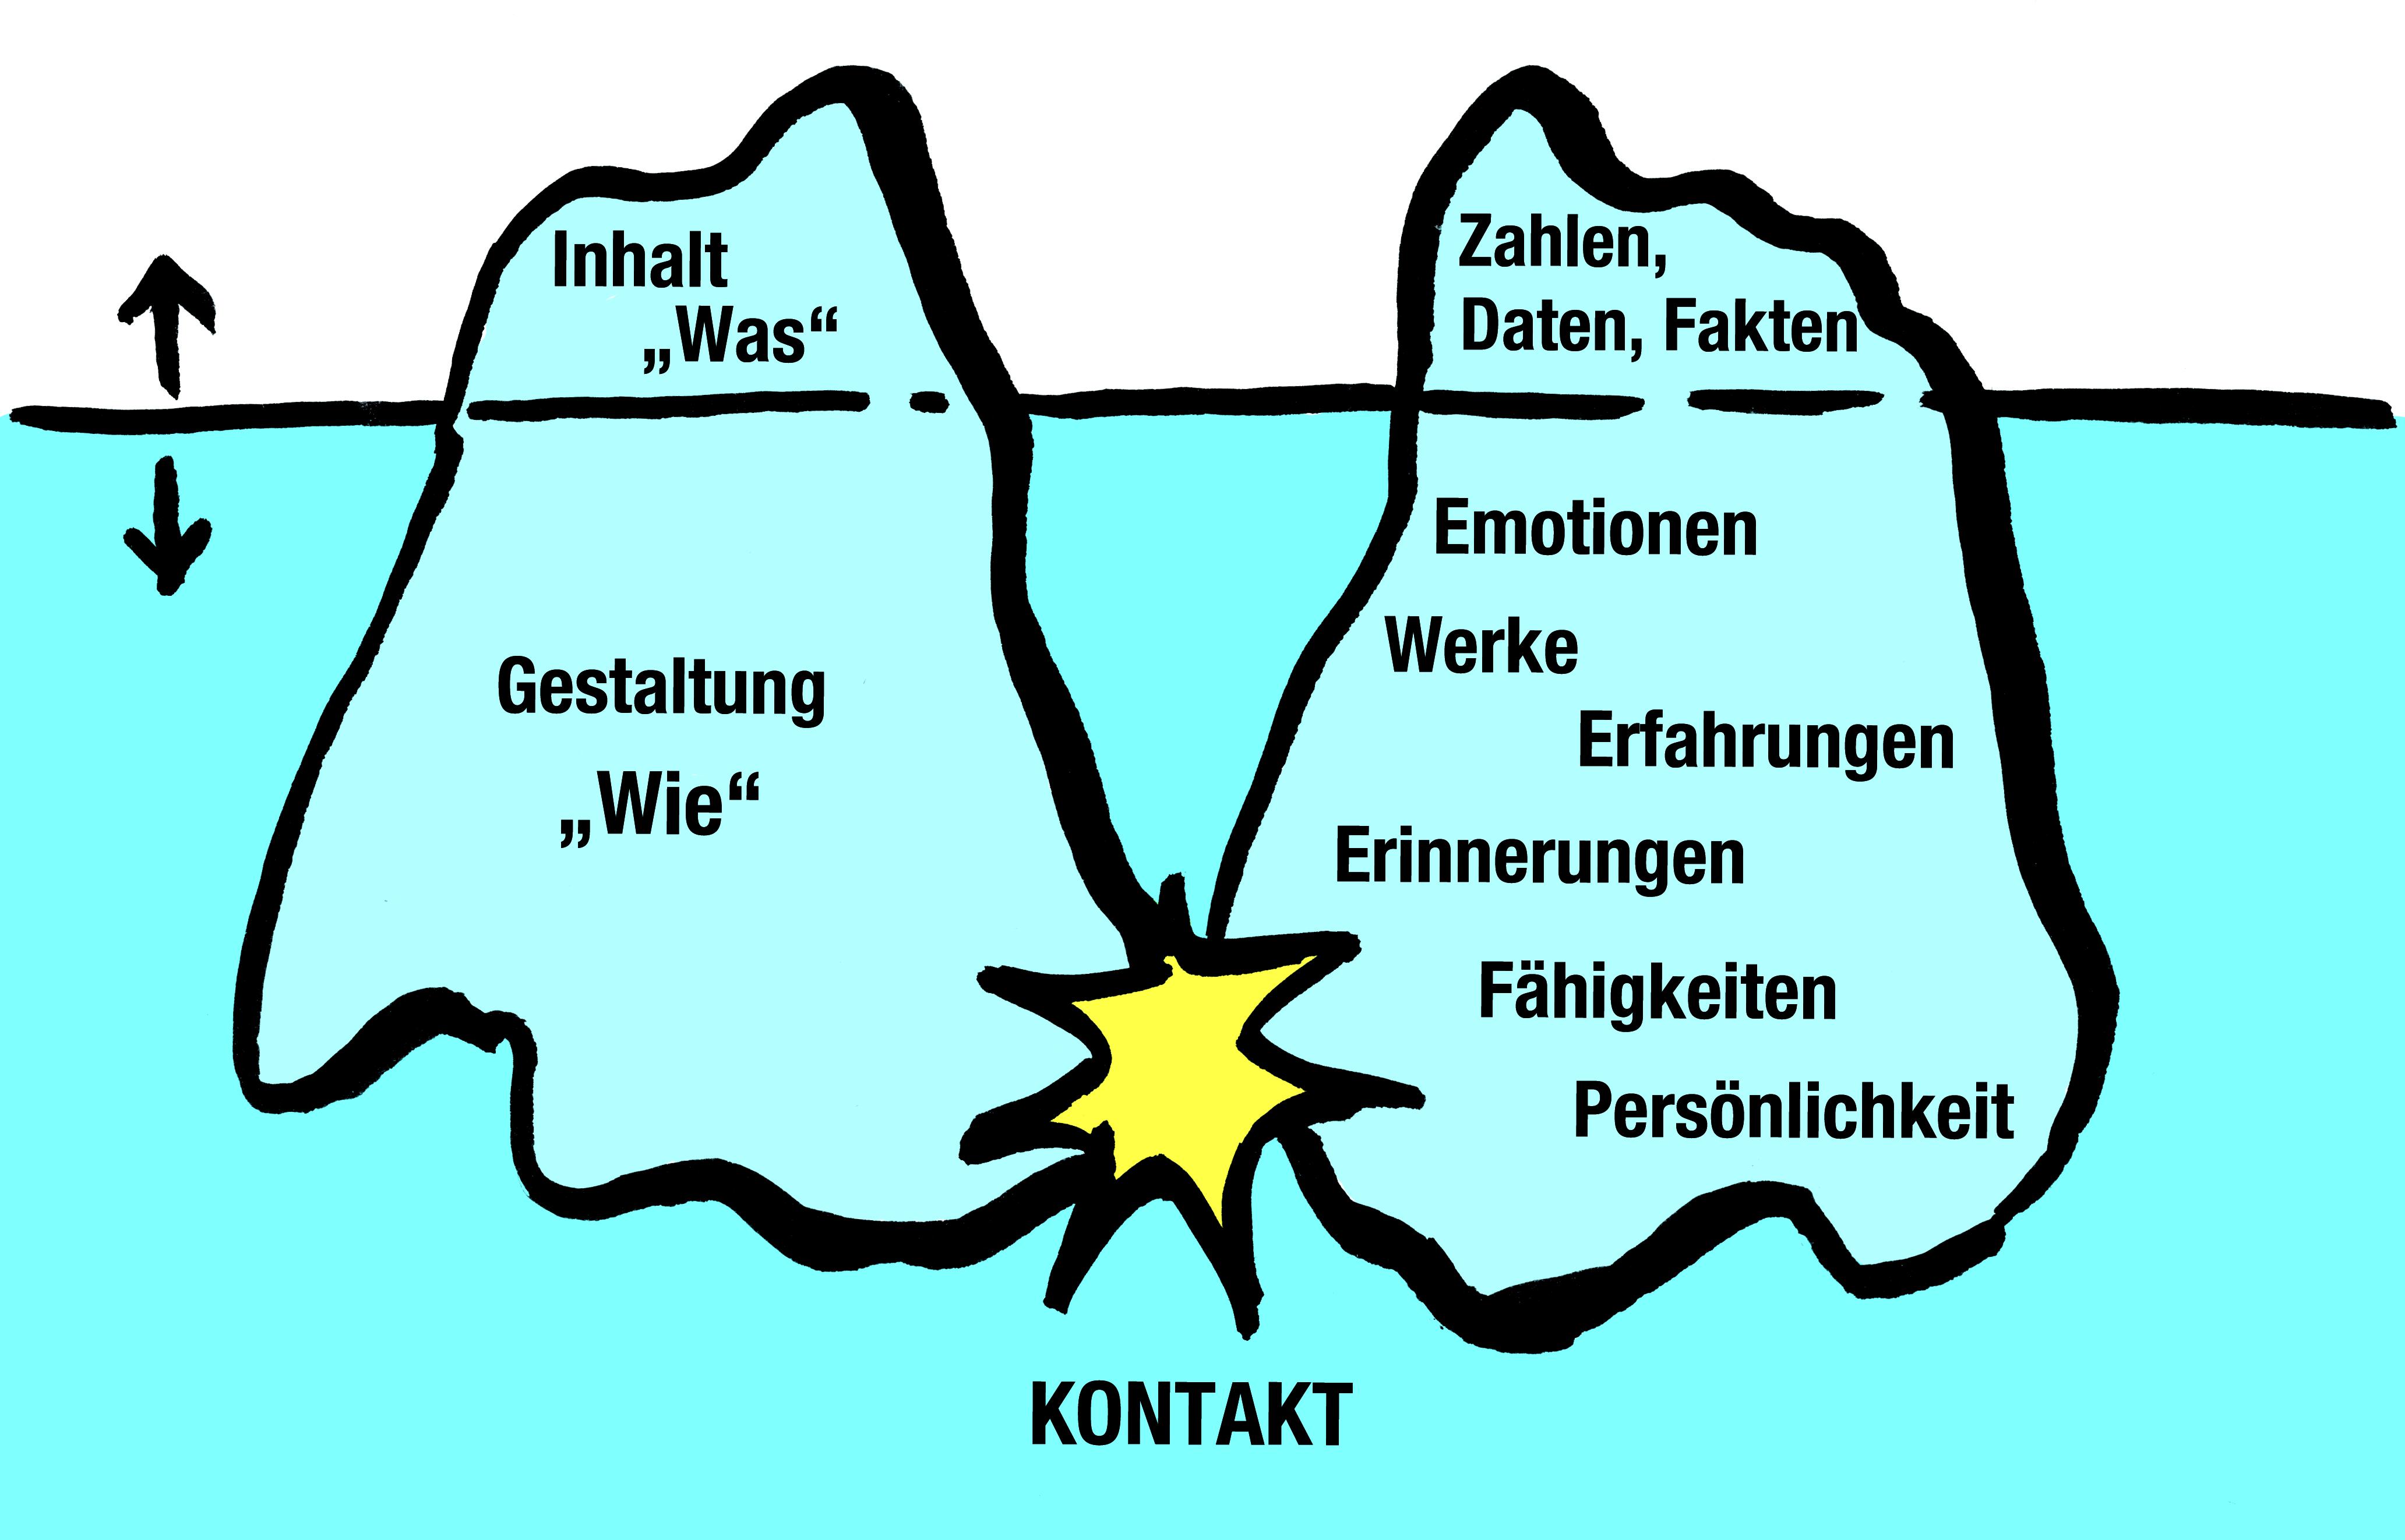 Eisberge_beschrieftung